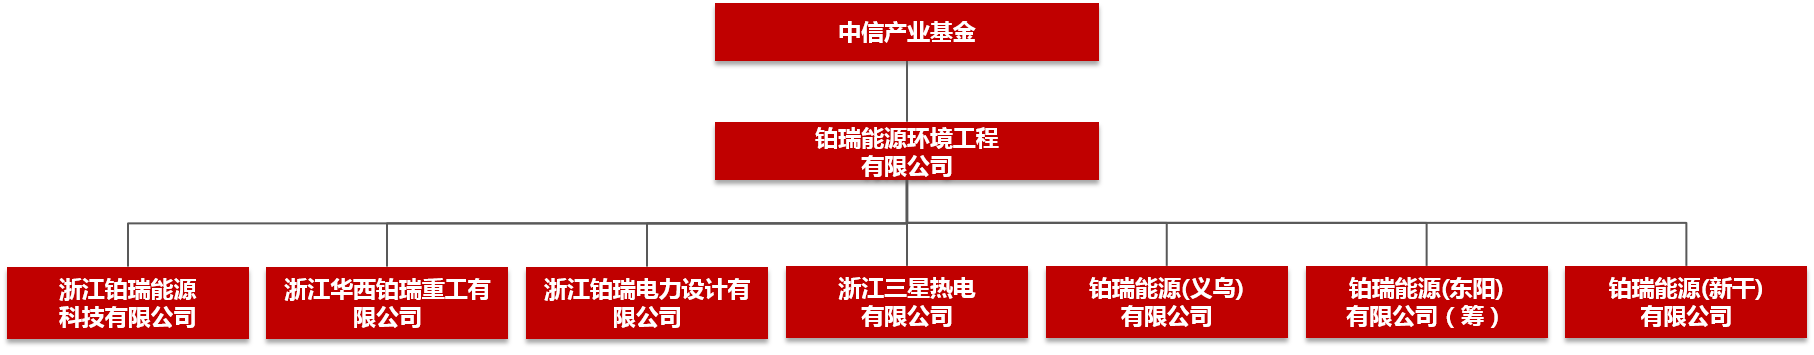 图片2(1).png